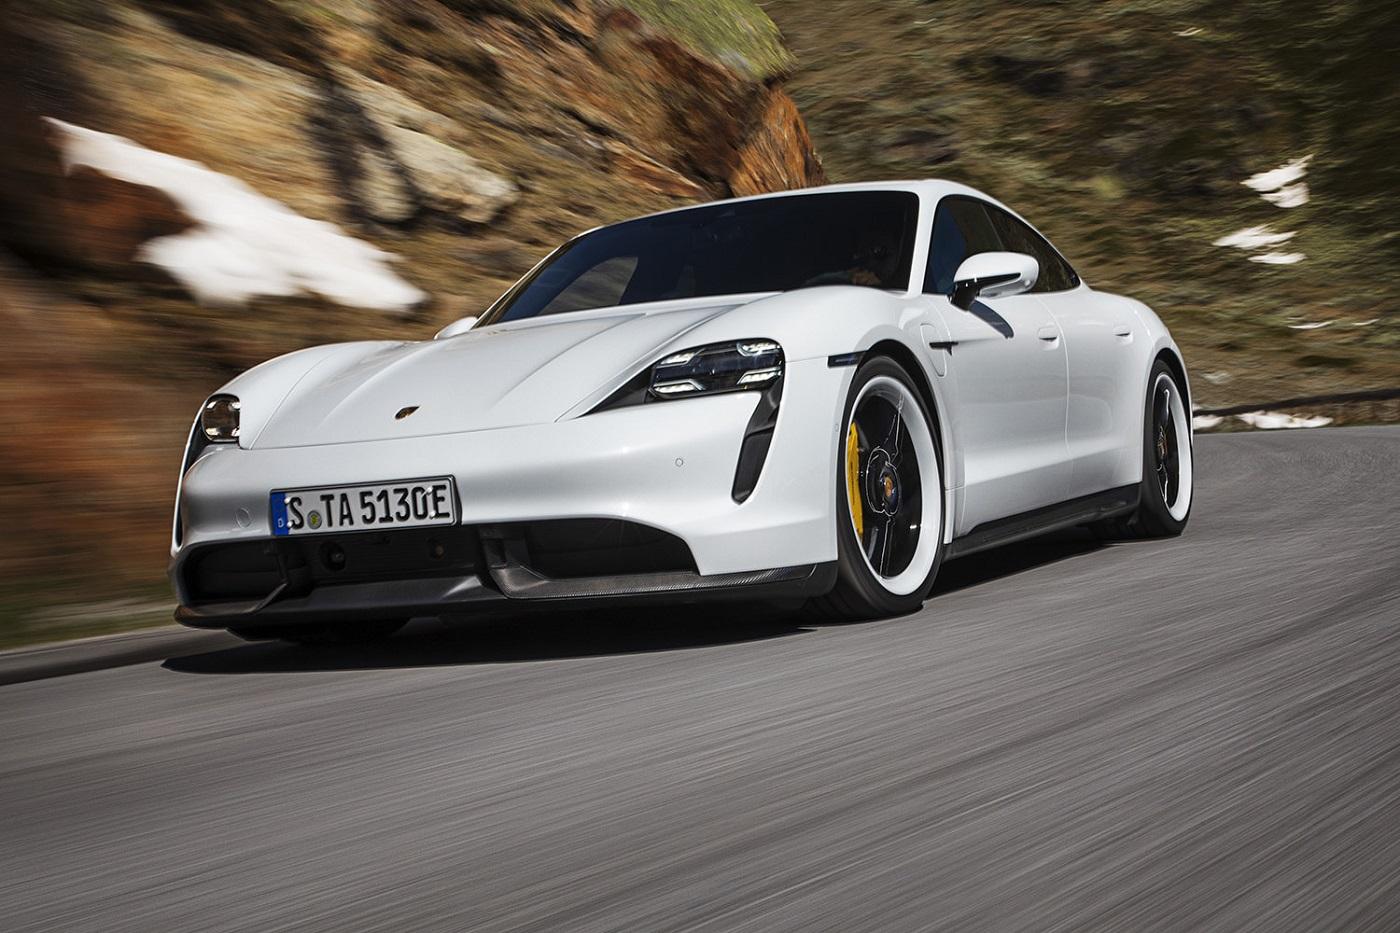 Компания Porsche представила свой первый электромобиль модели Taycan